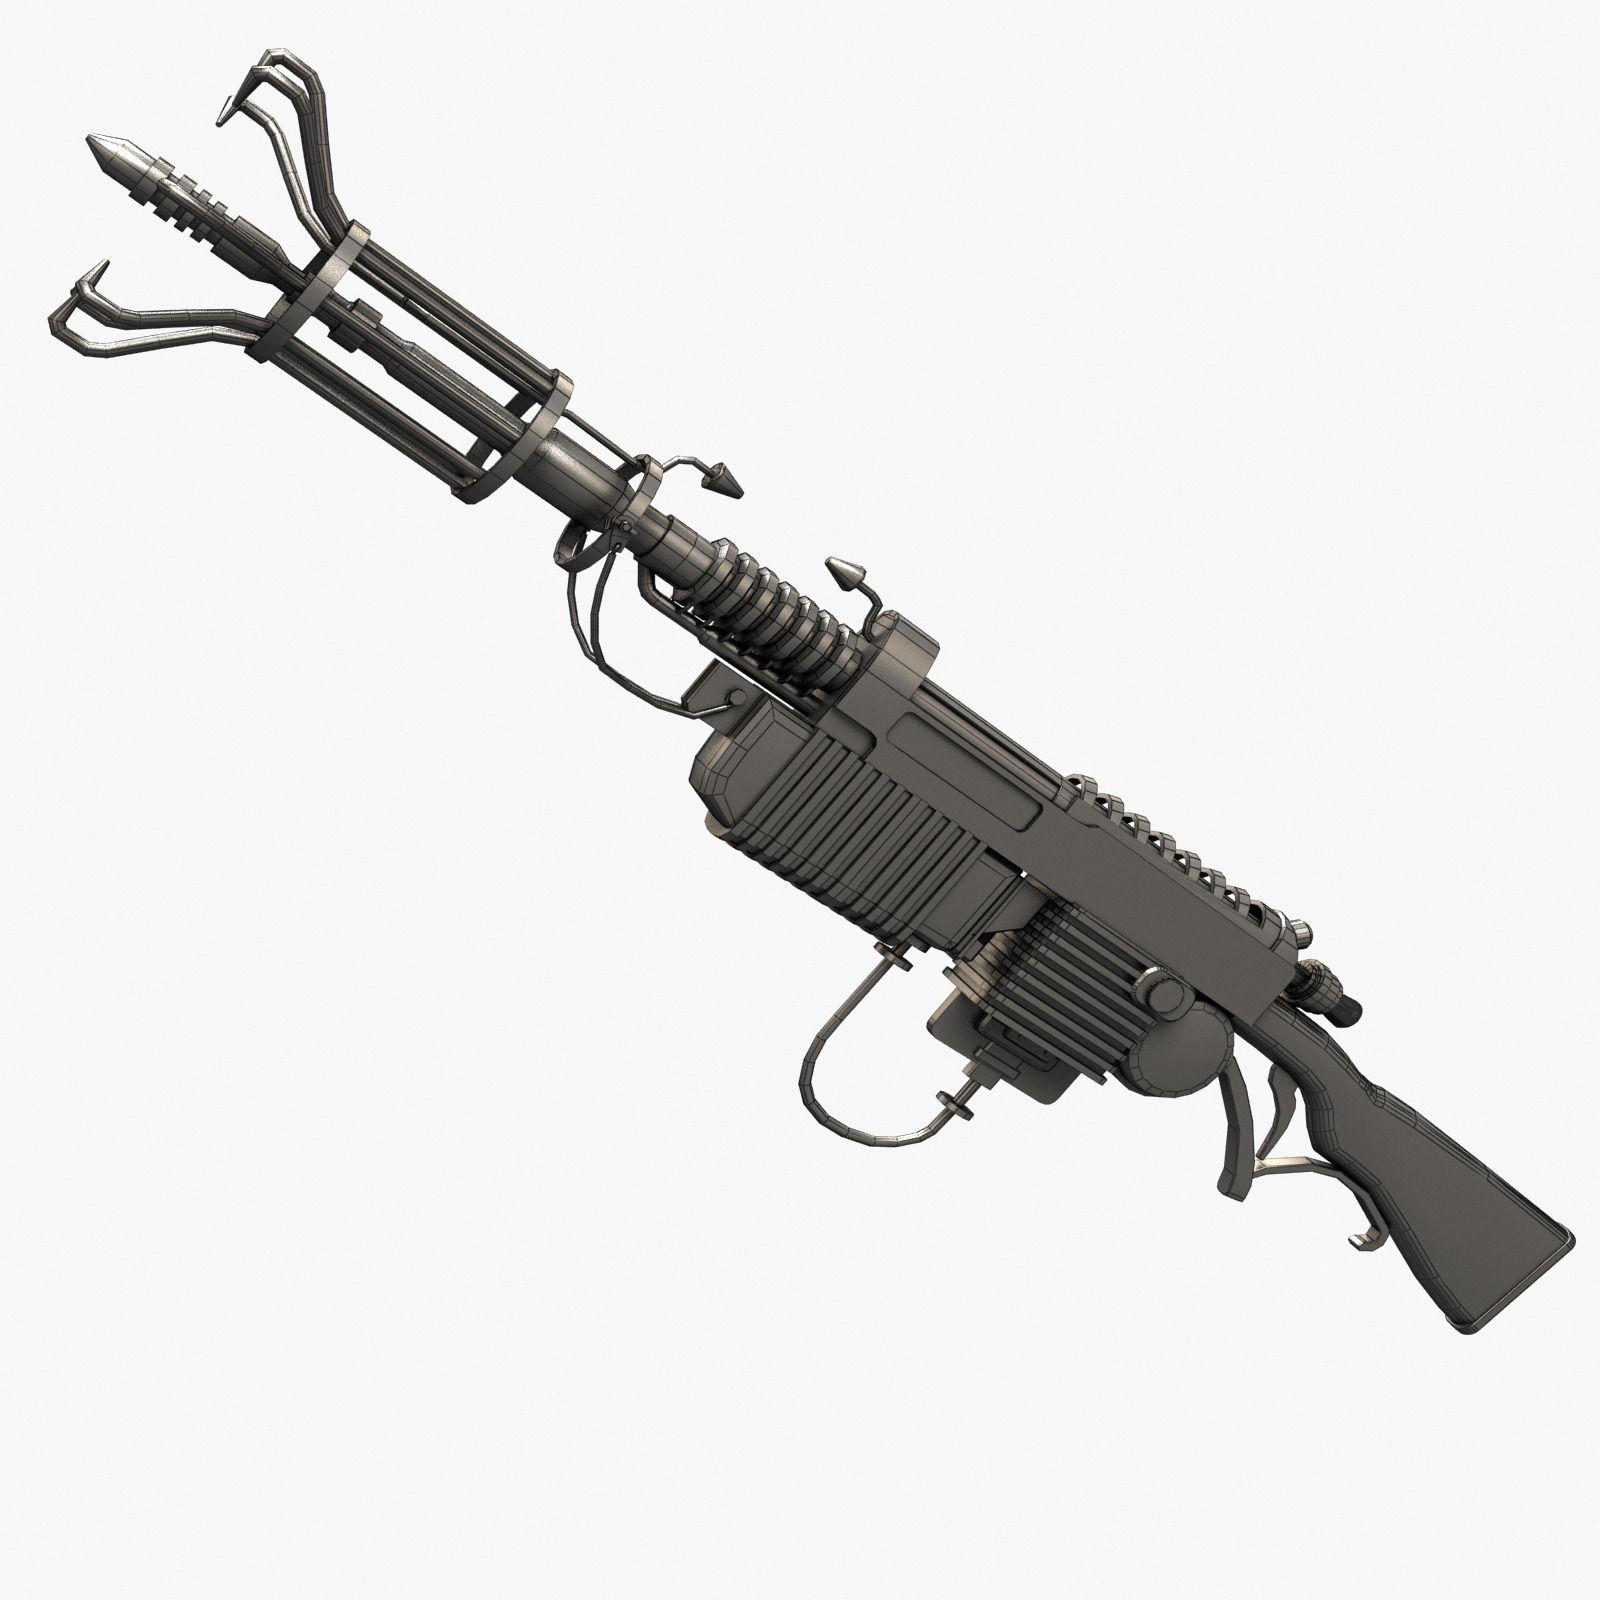 Wunderwaffe Dg 2 3d Model Game Ready Max Obj 3ds Fbx